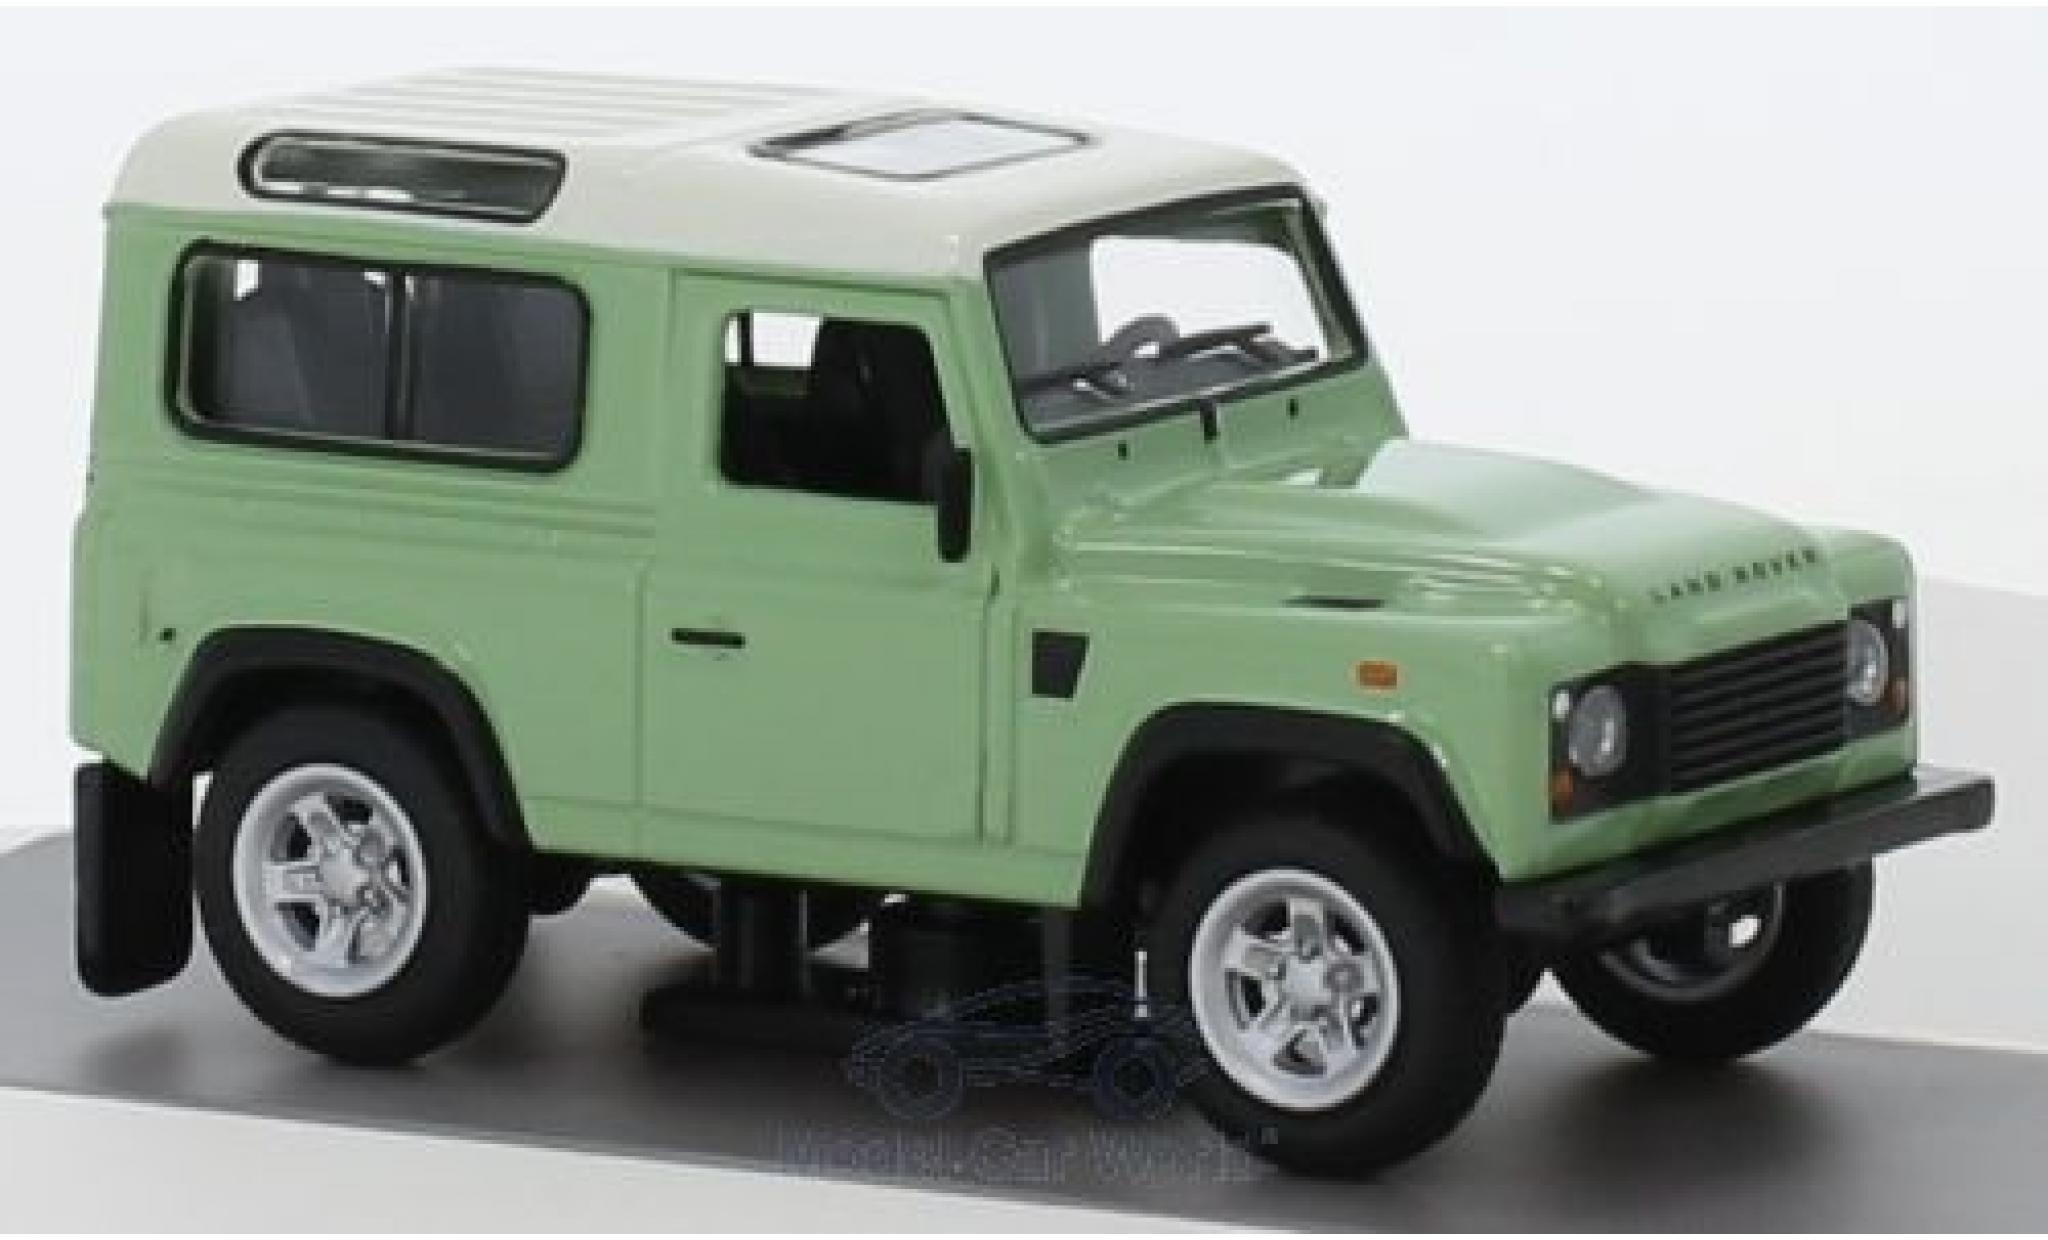 Land Rover Defender 1/64 Schuco grün/weiss